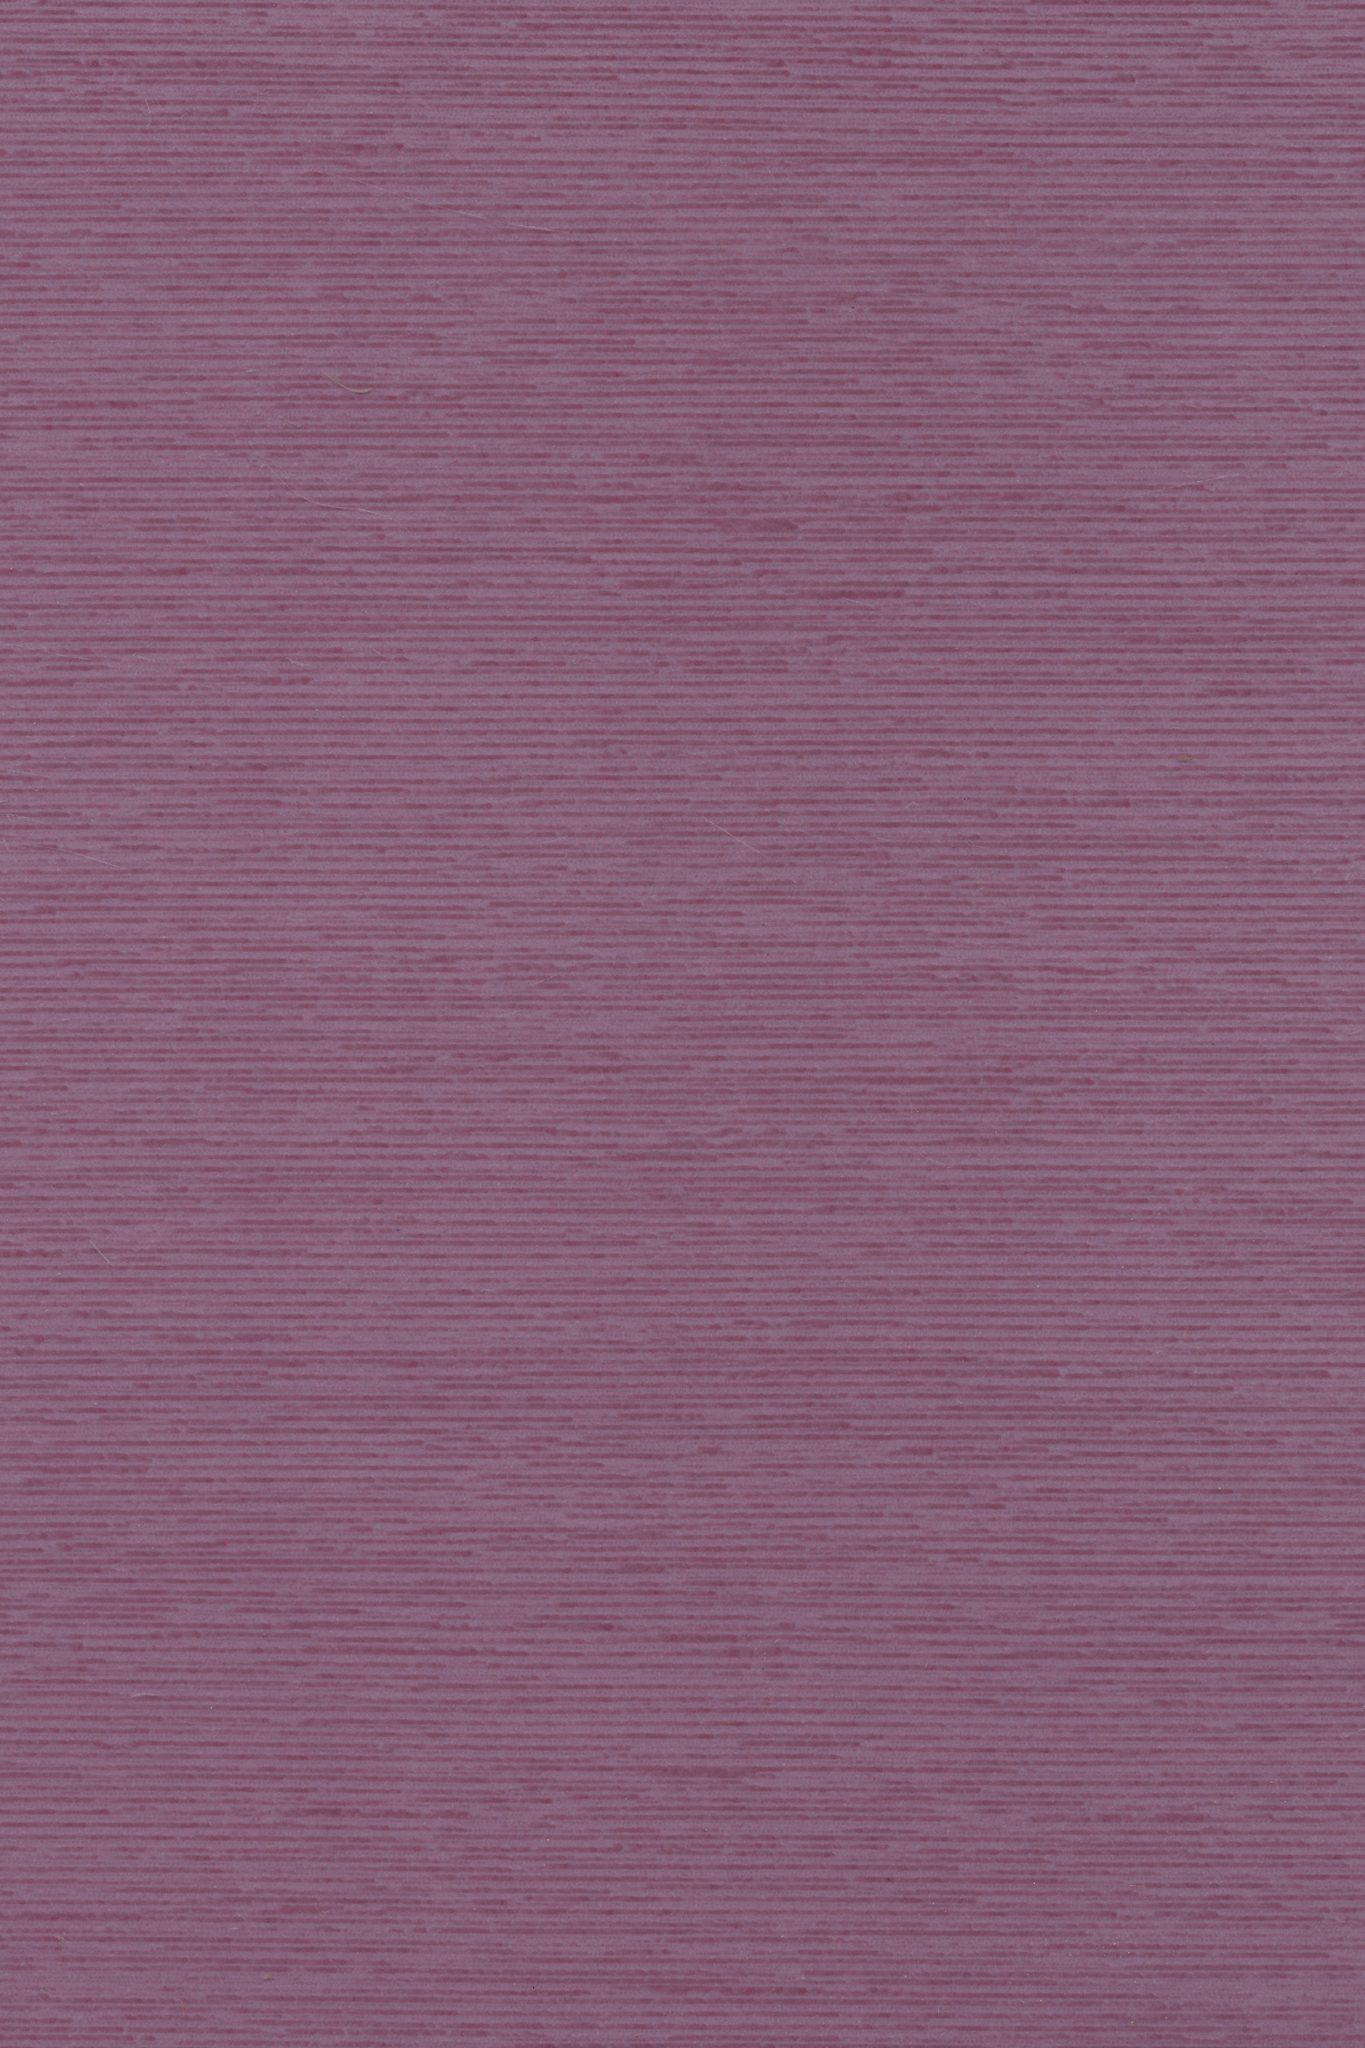 Laura настенная плитка (сиреневая), 20х30